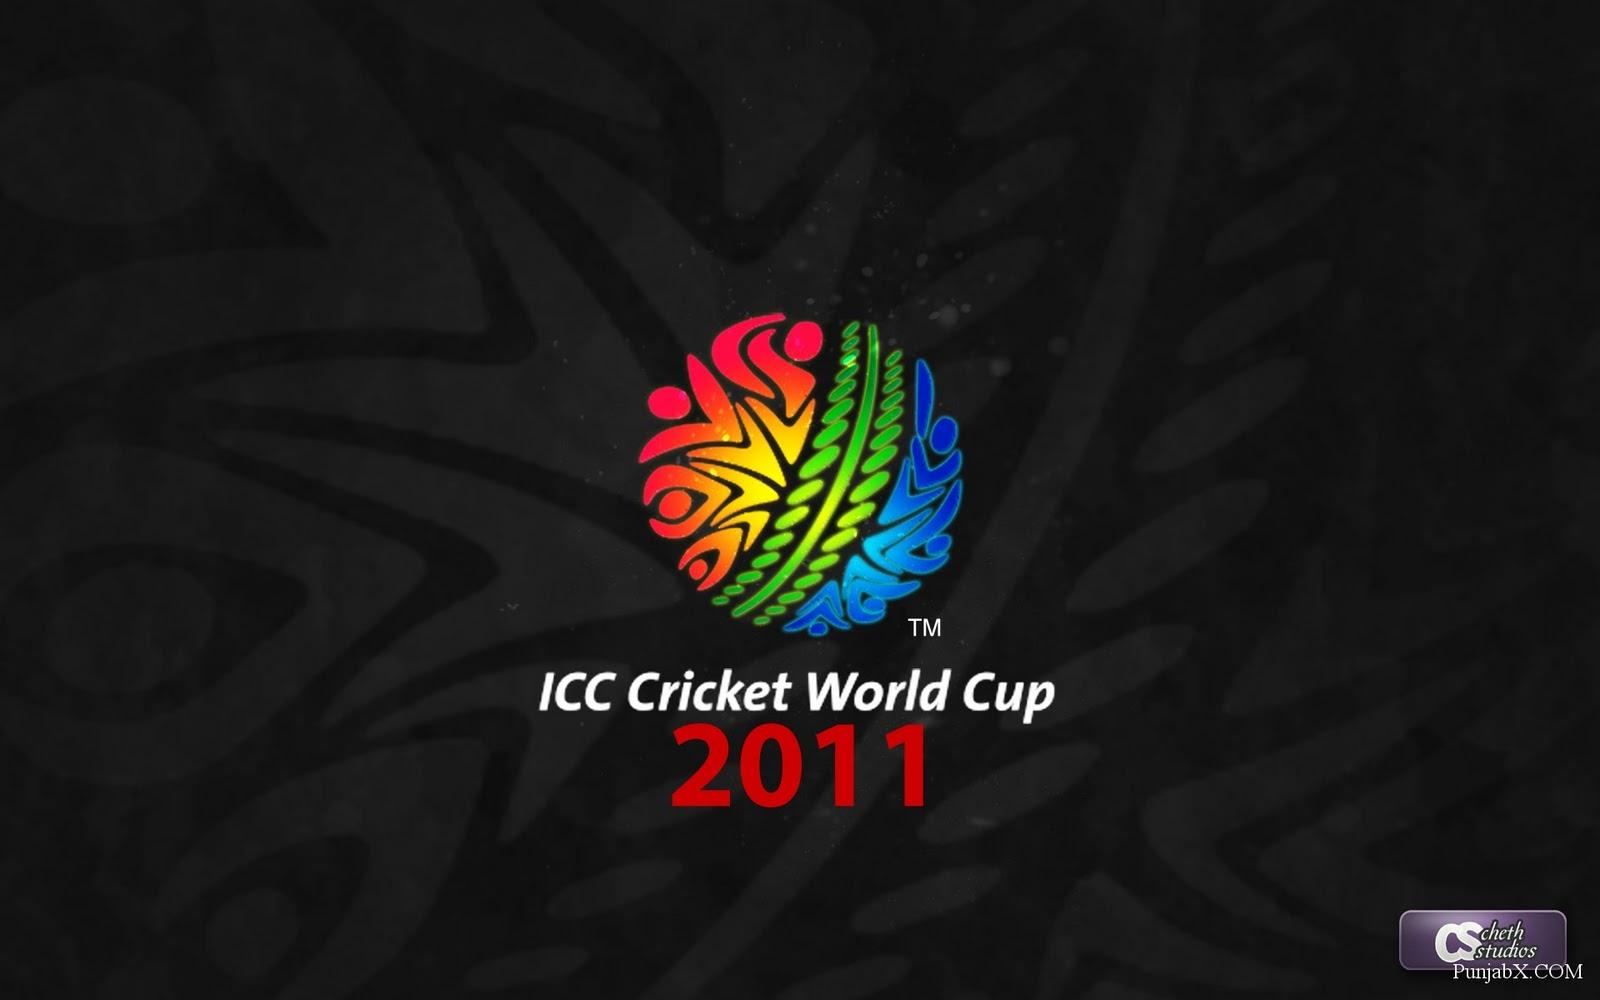 http://4.bp.blogspot.com/-gT058__pOVc/TWaSfSFD_DI/AAAAAAAAABk/cl50dkGMu0s/s1600/icc-cricket-world-cup-2011-wallpapers%252525252525255BPunjabX.CoM%252525252525255D%25252525252B%25252525252525287%2525252525252529.jpg